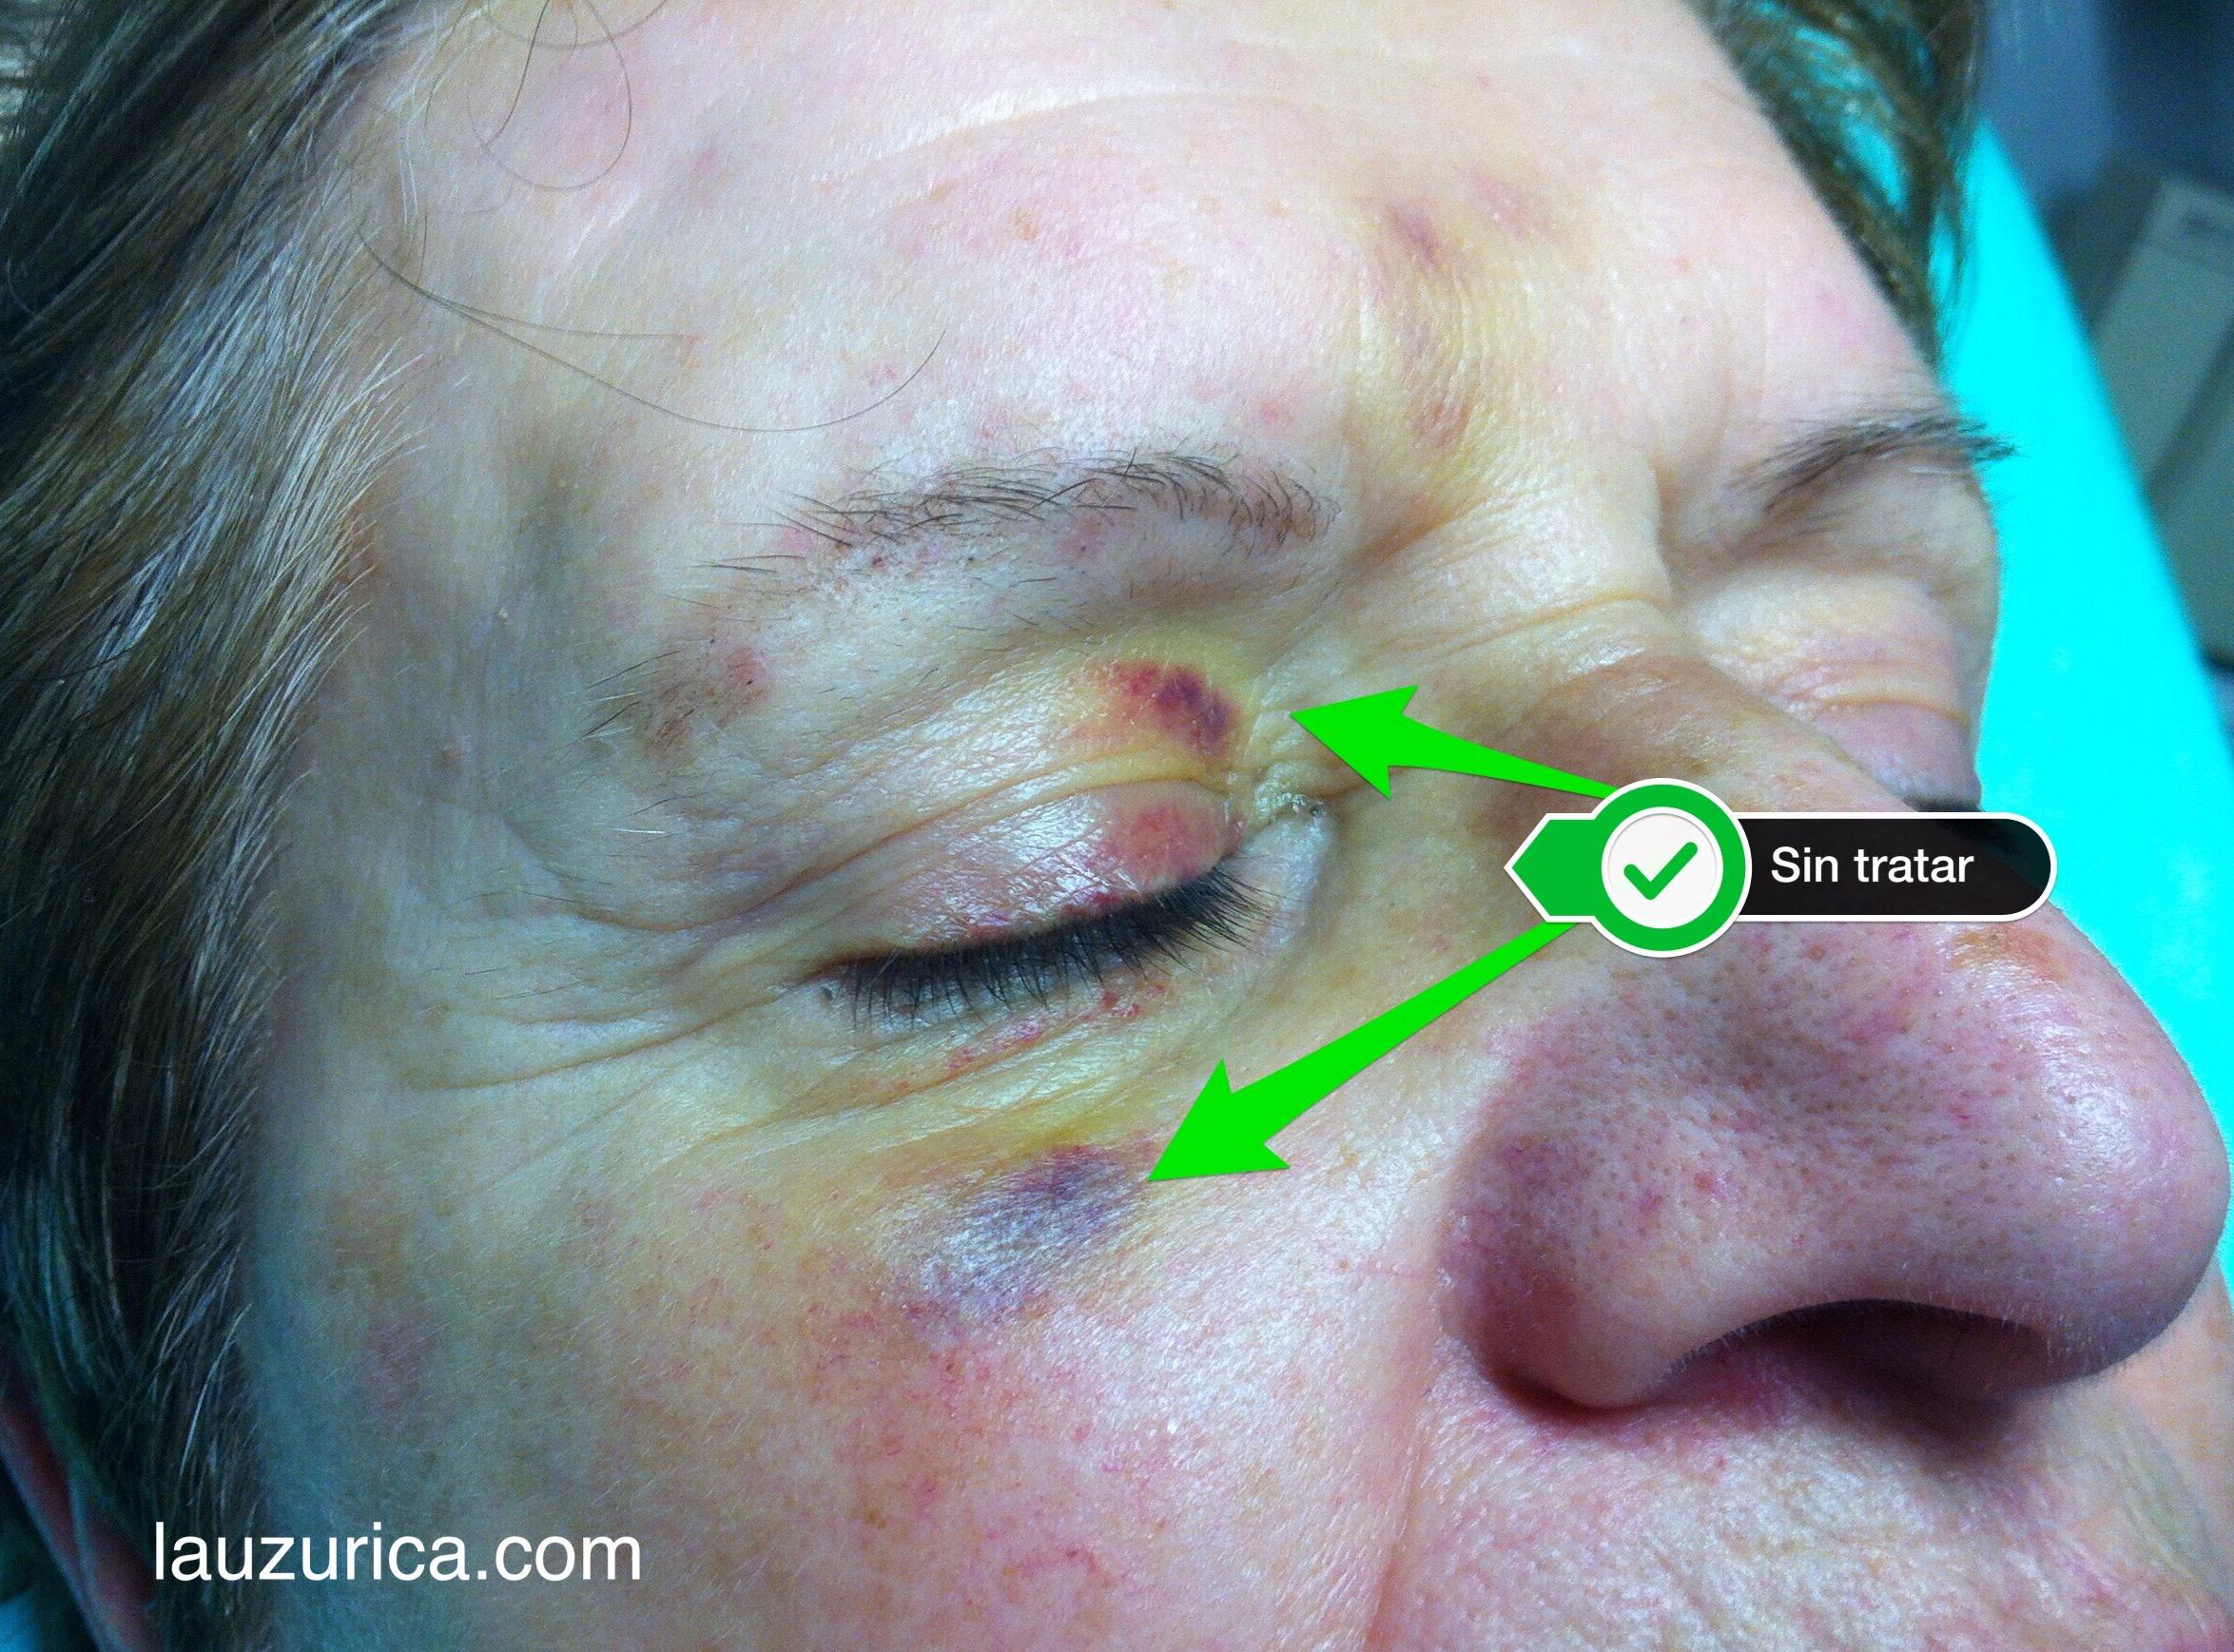 Como eliminar un morado de la piel